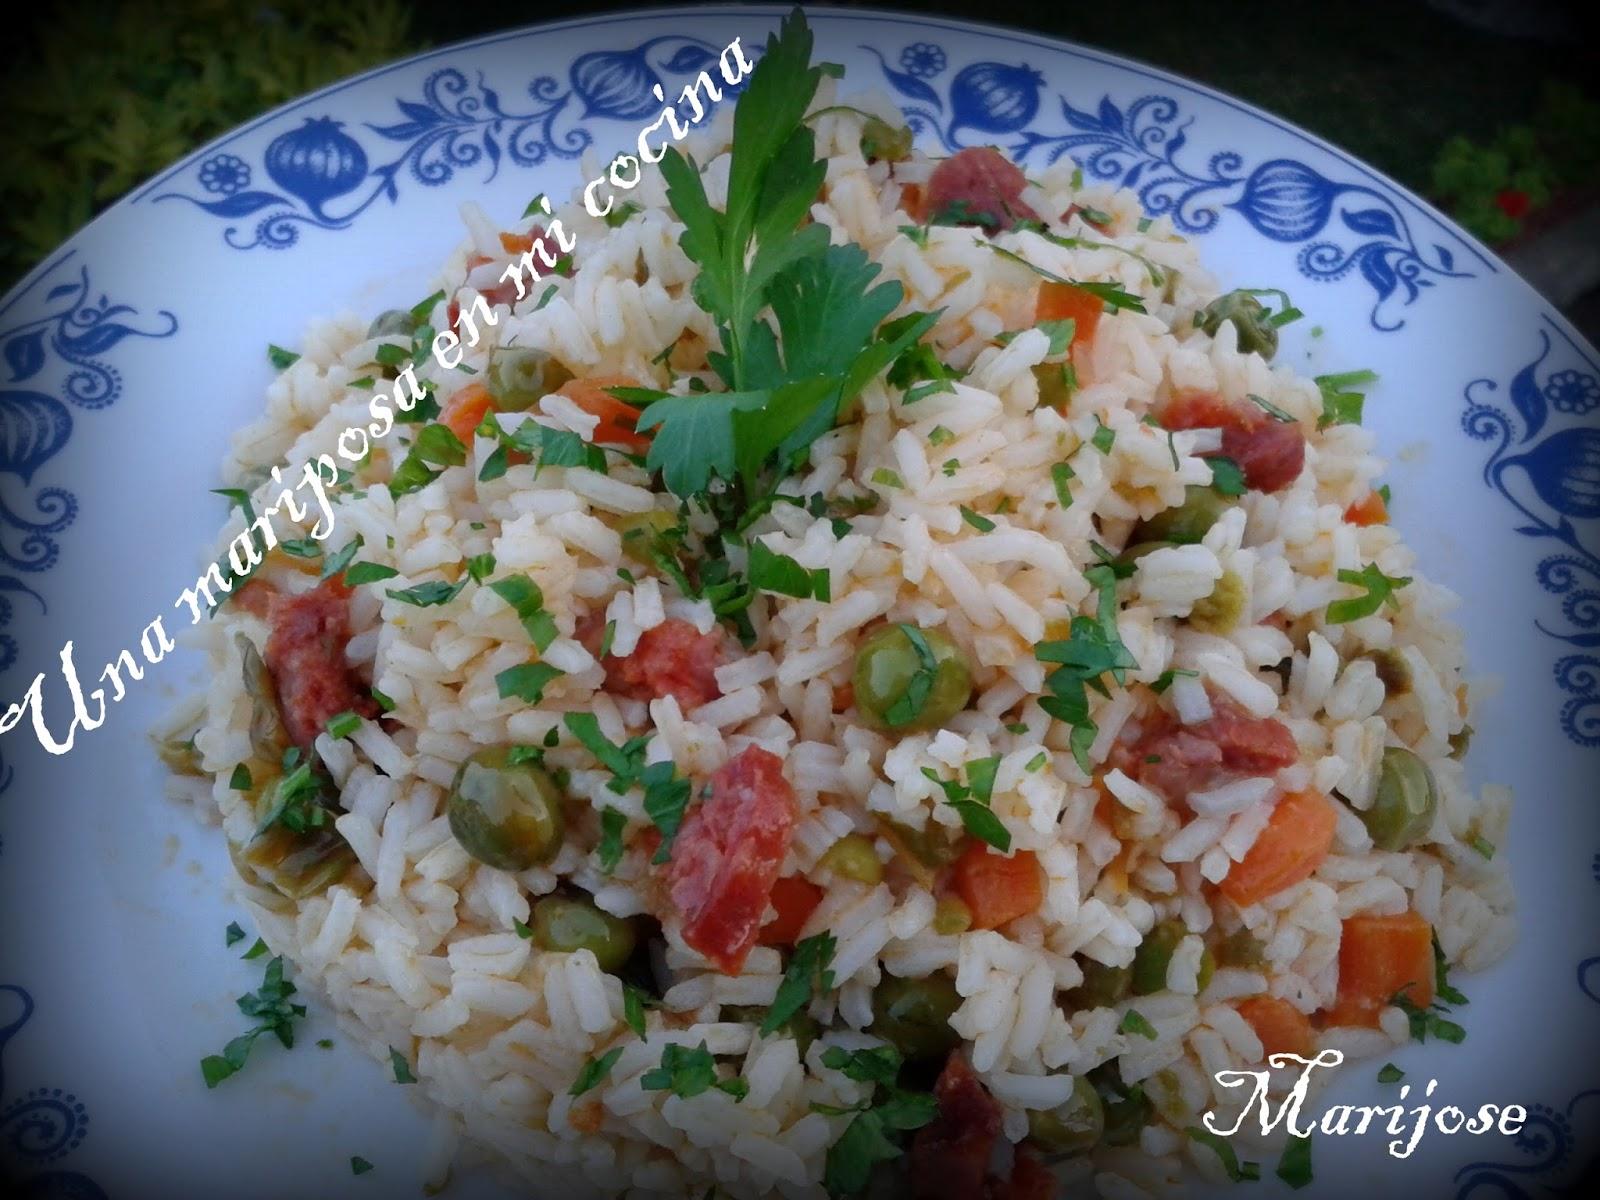 Una mariposa en mi cocina salteado de arroz con verduras - Salteado de arroz ...